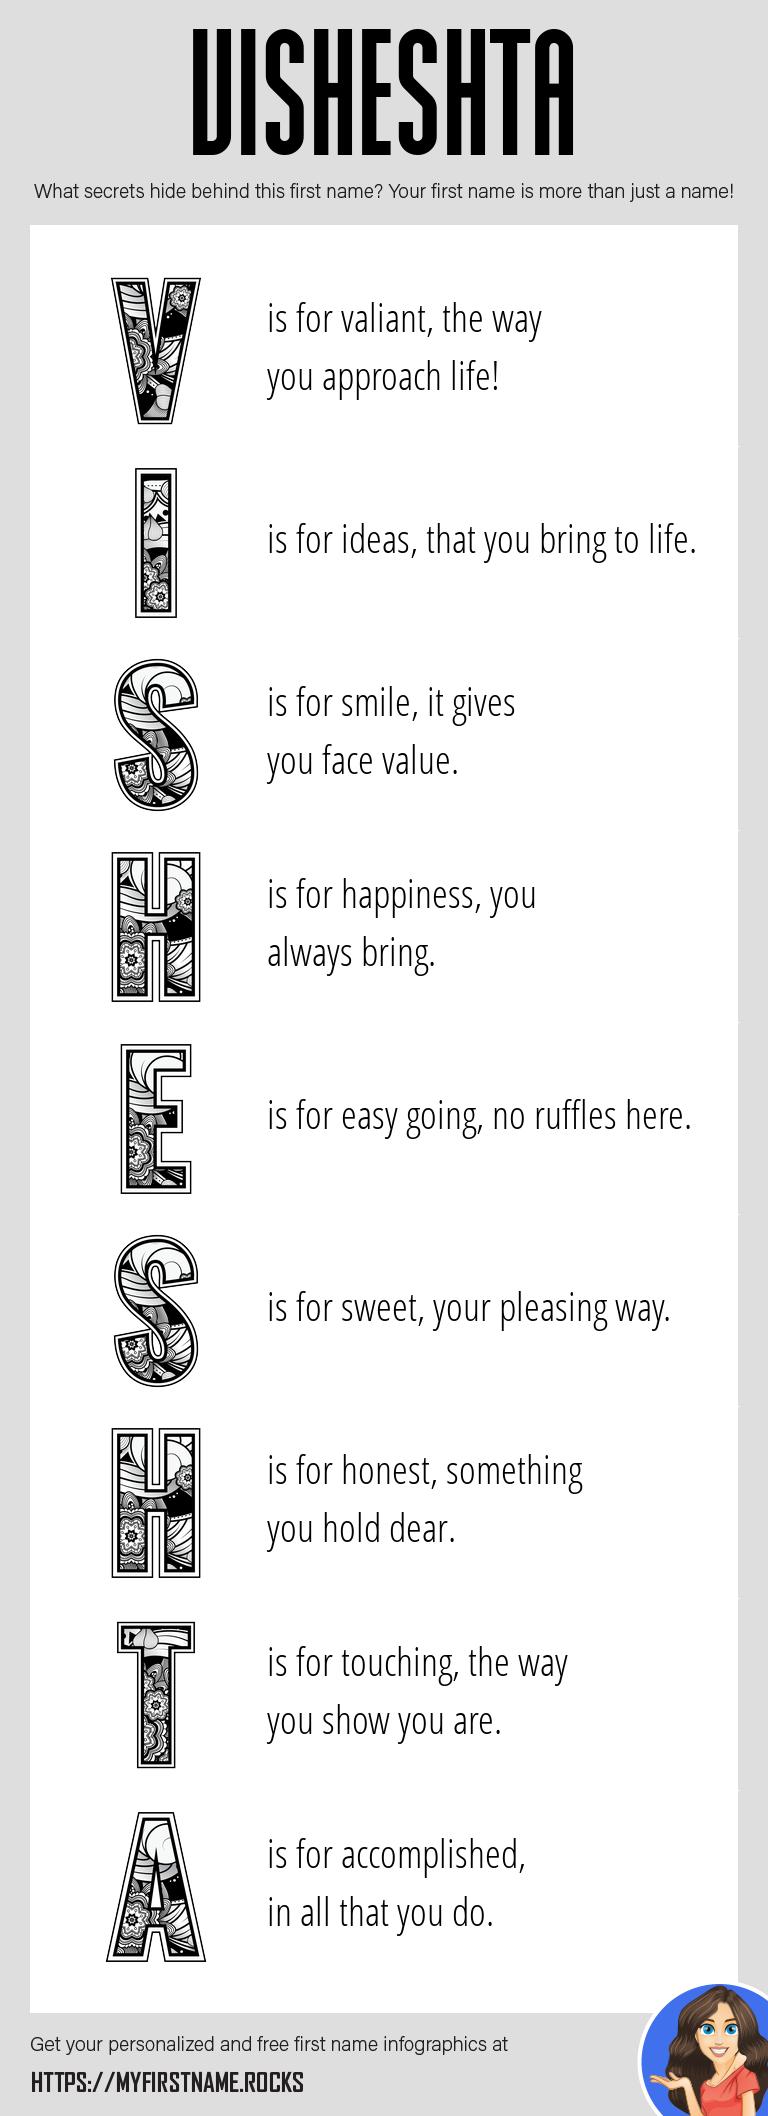 Visheshta Infographics